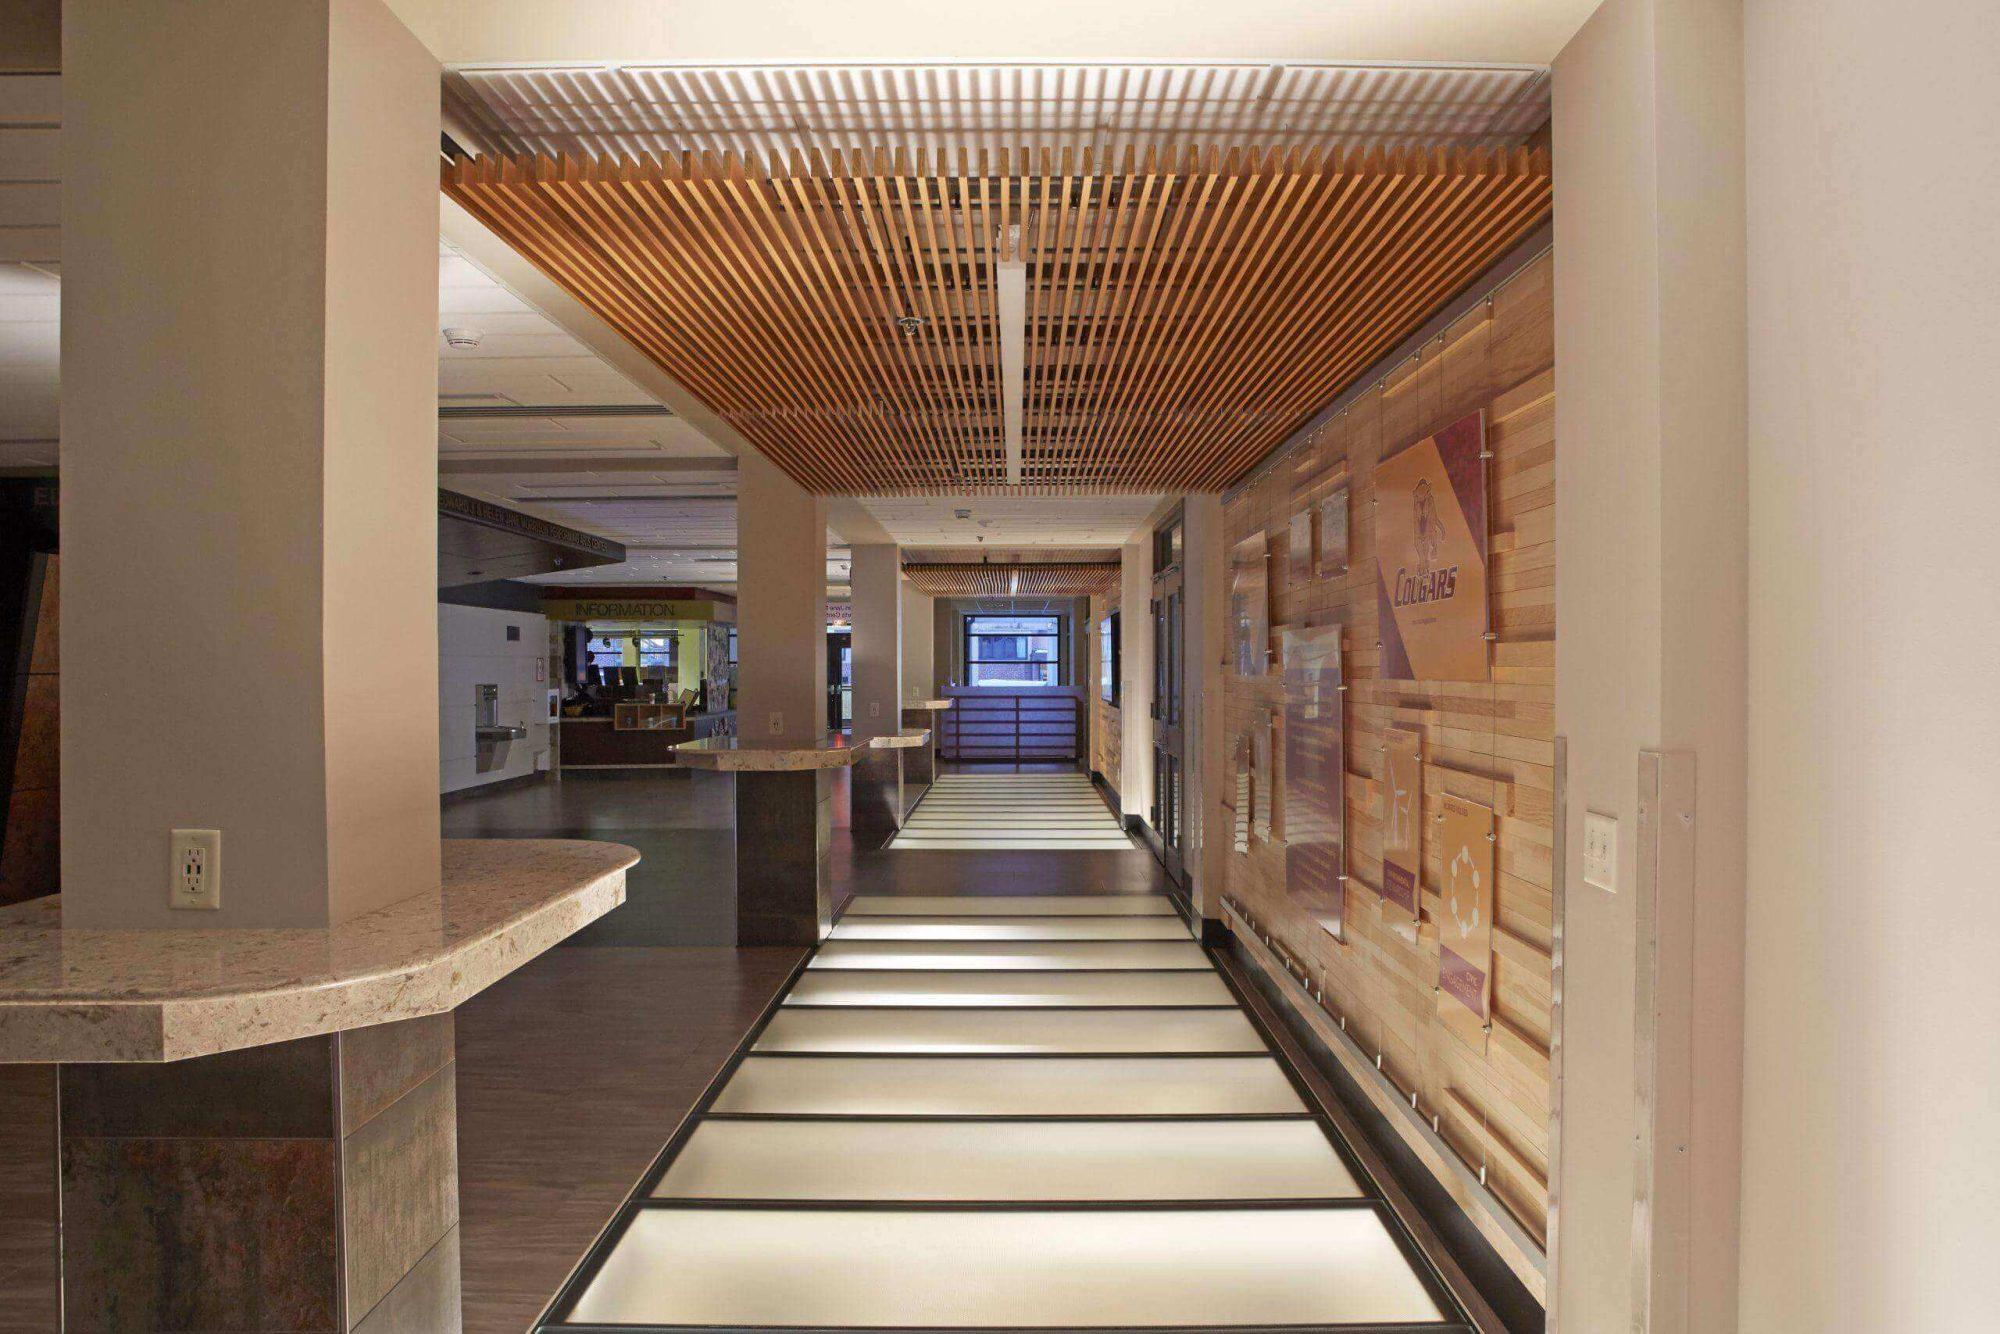 Interior Glass Floor - Morris College